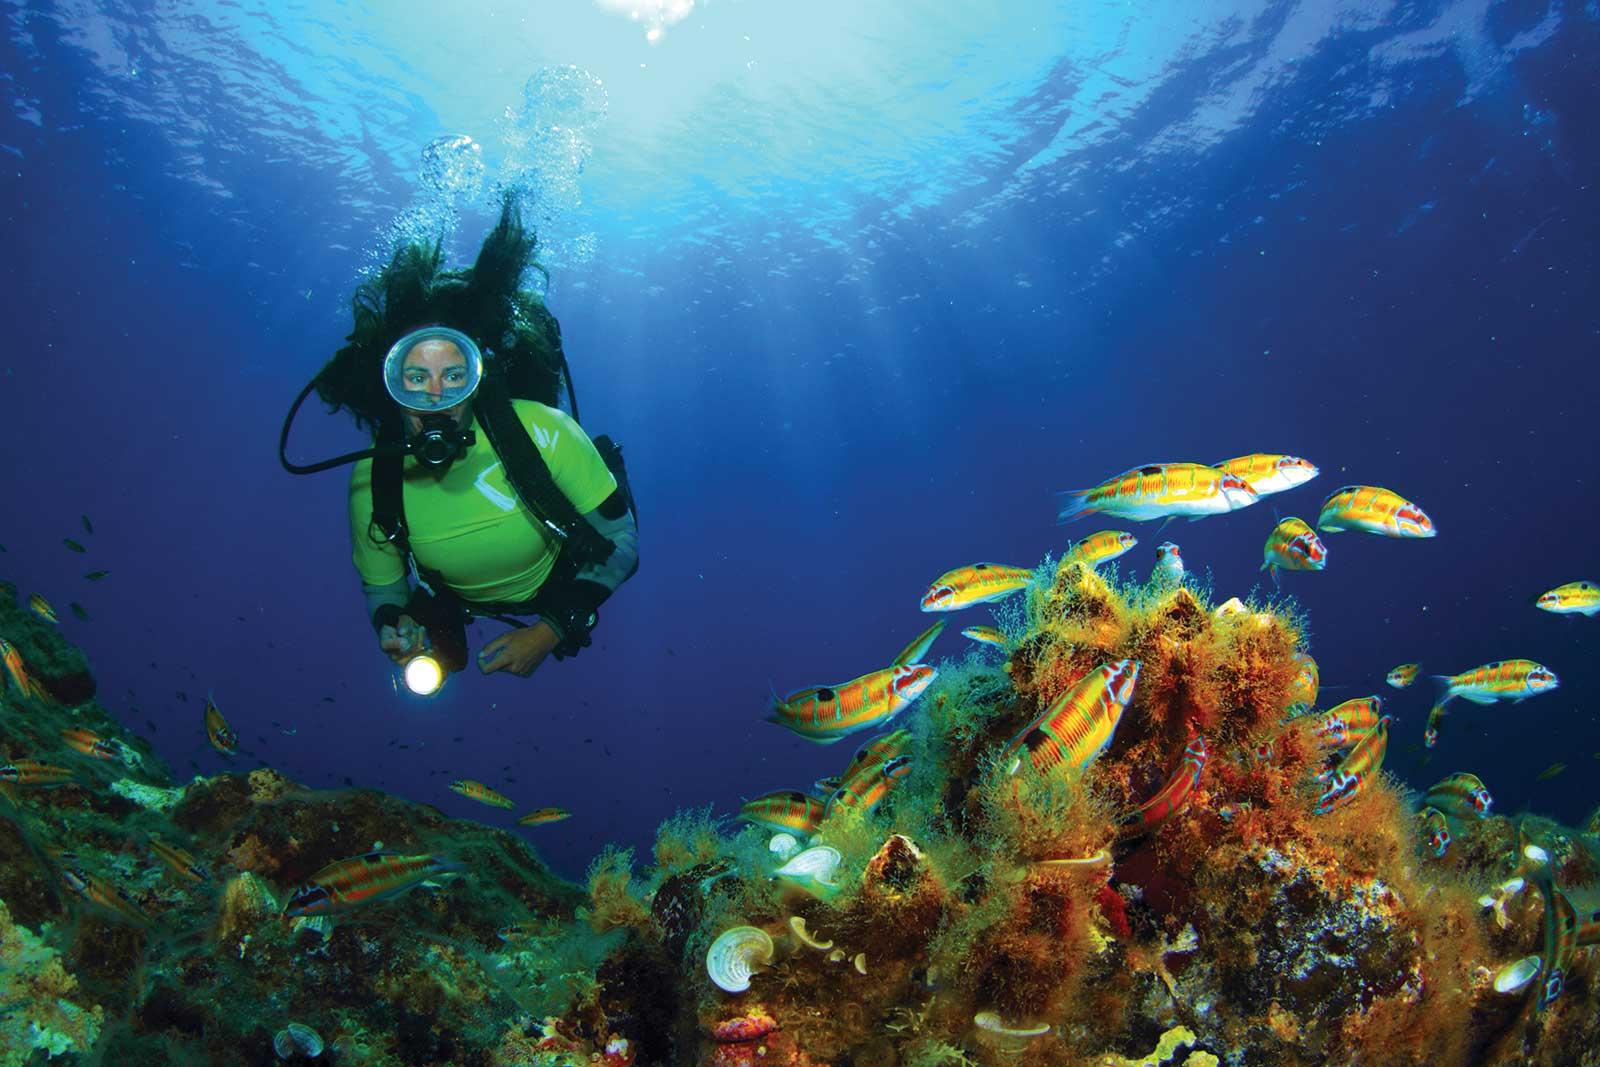 Plongée à Faial aux Açores, dans le royaume des raies mantas, barracudas, thons géants et requin bleu